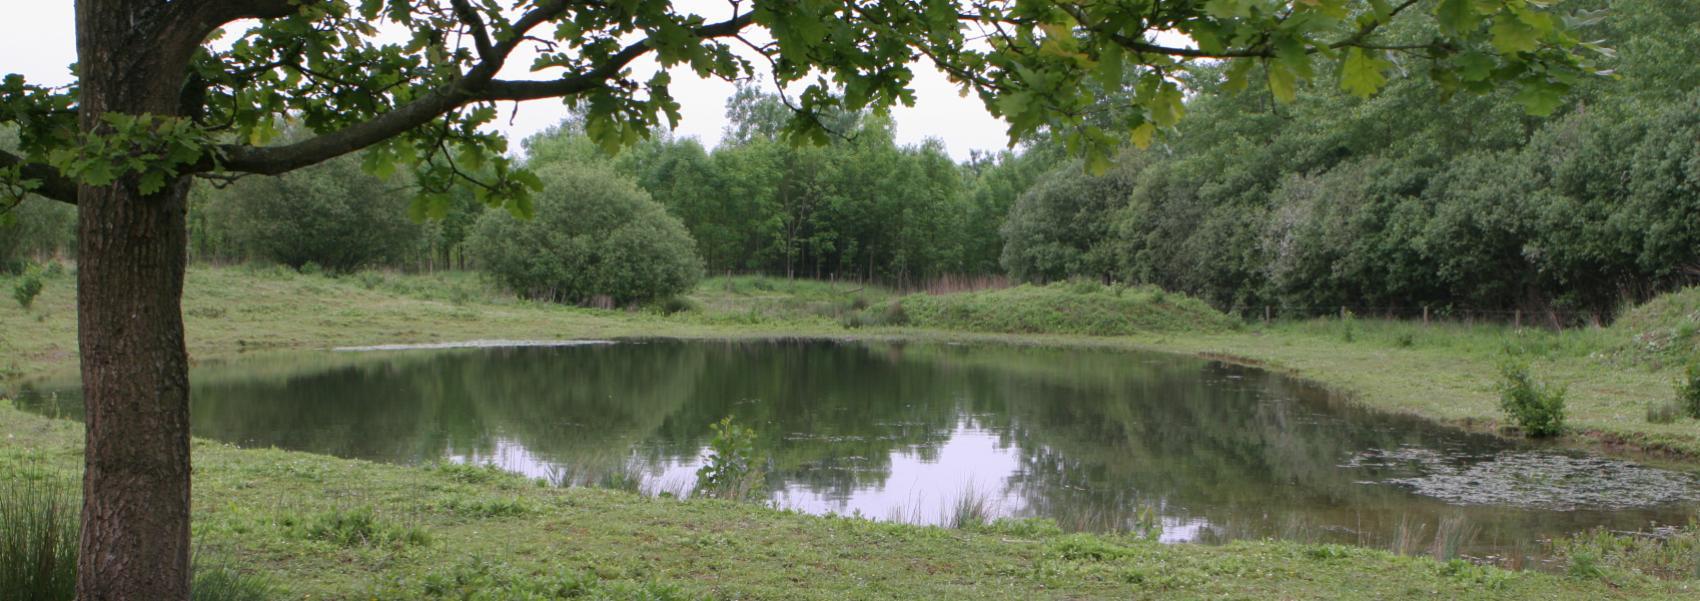 zicht op het landschap van het orveytbos © Natuur en Bos